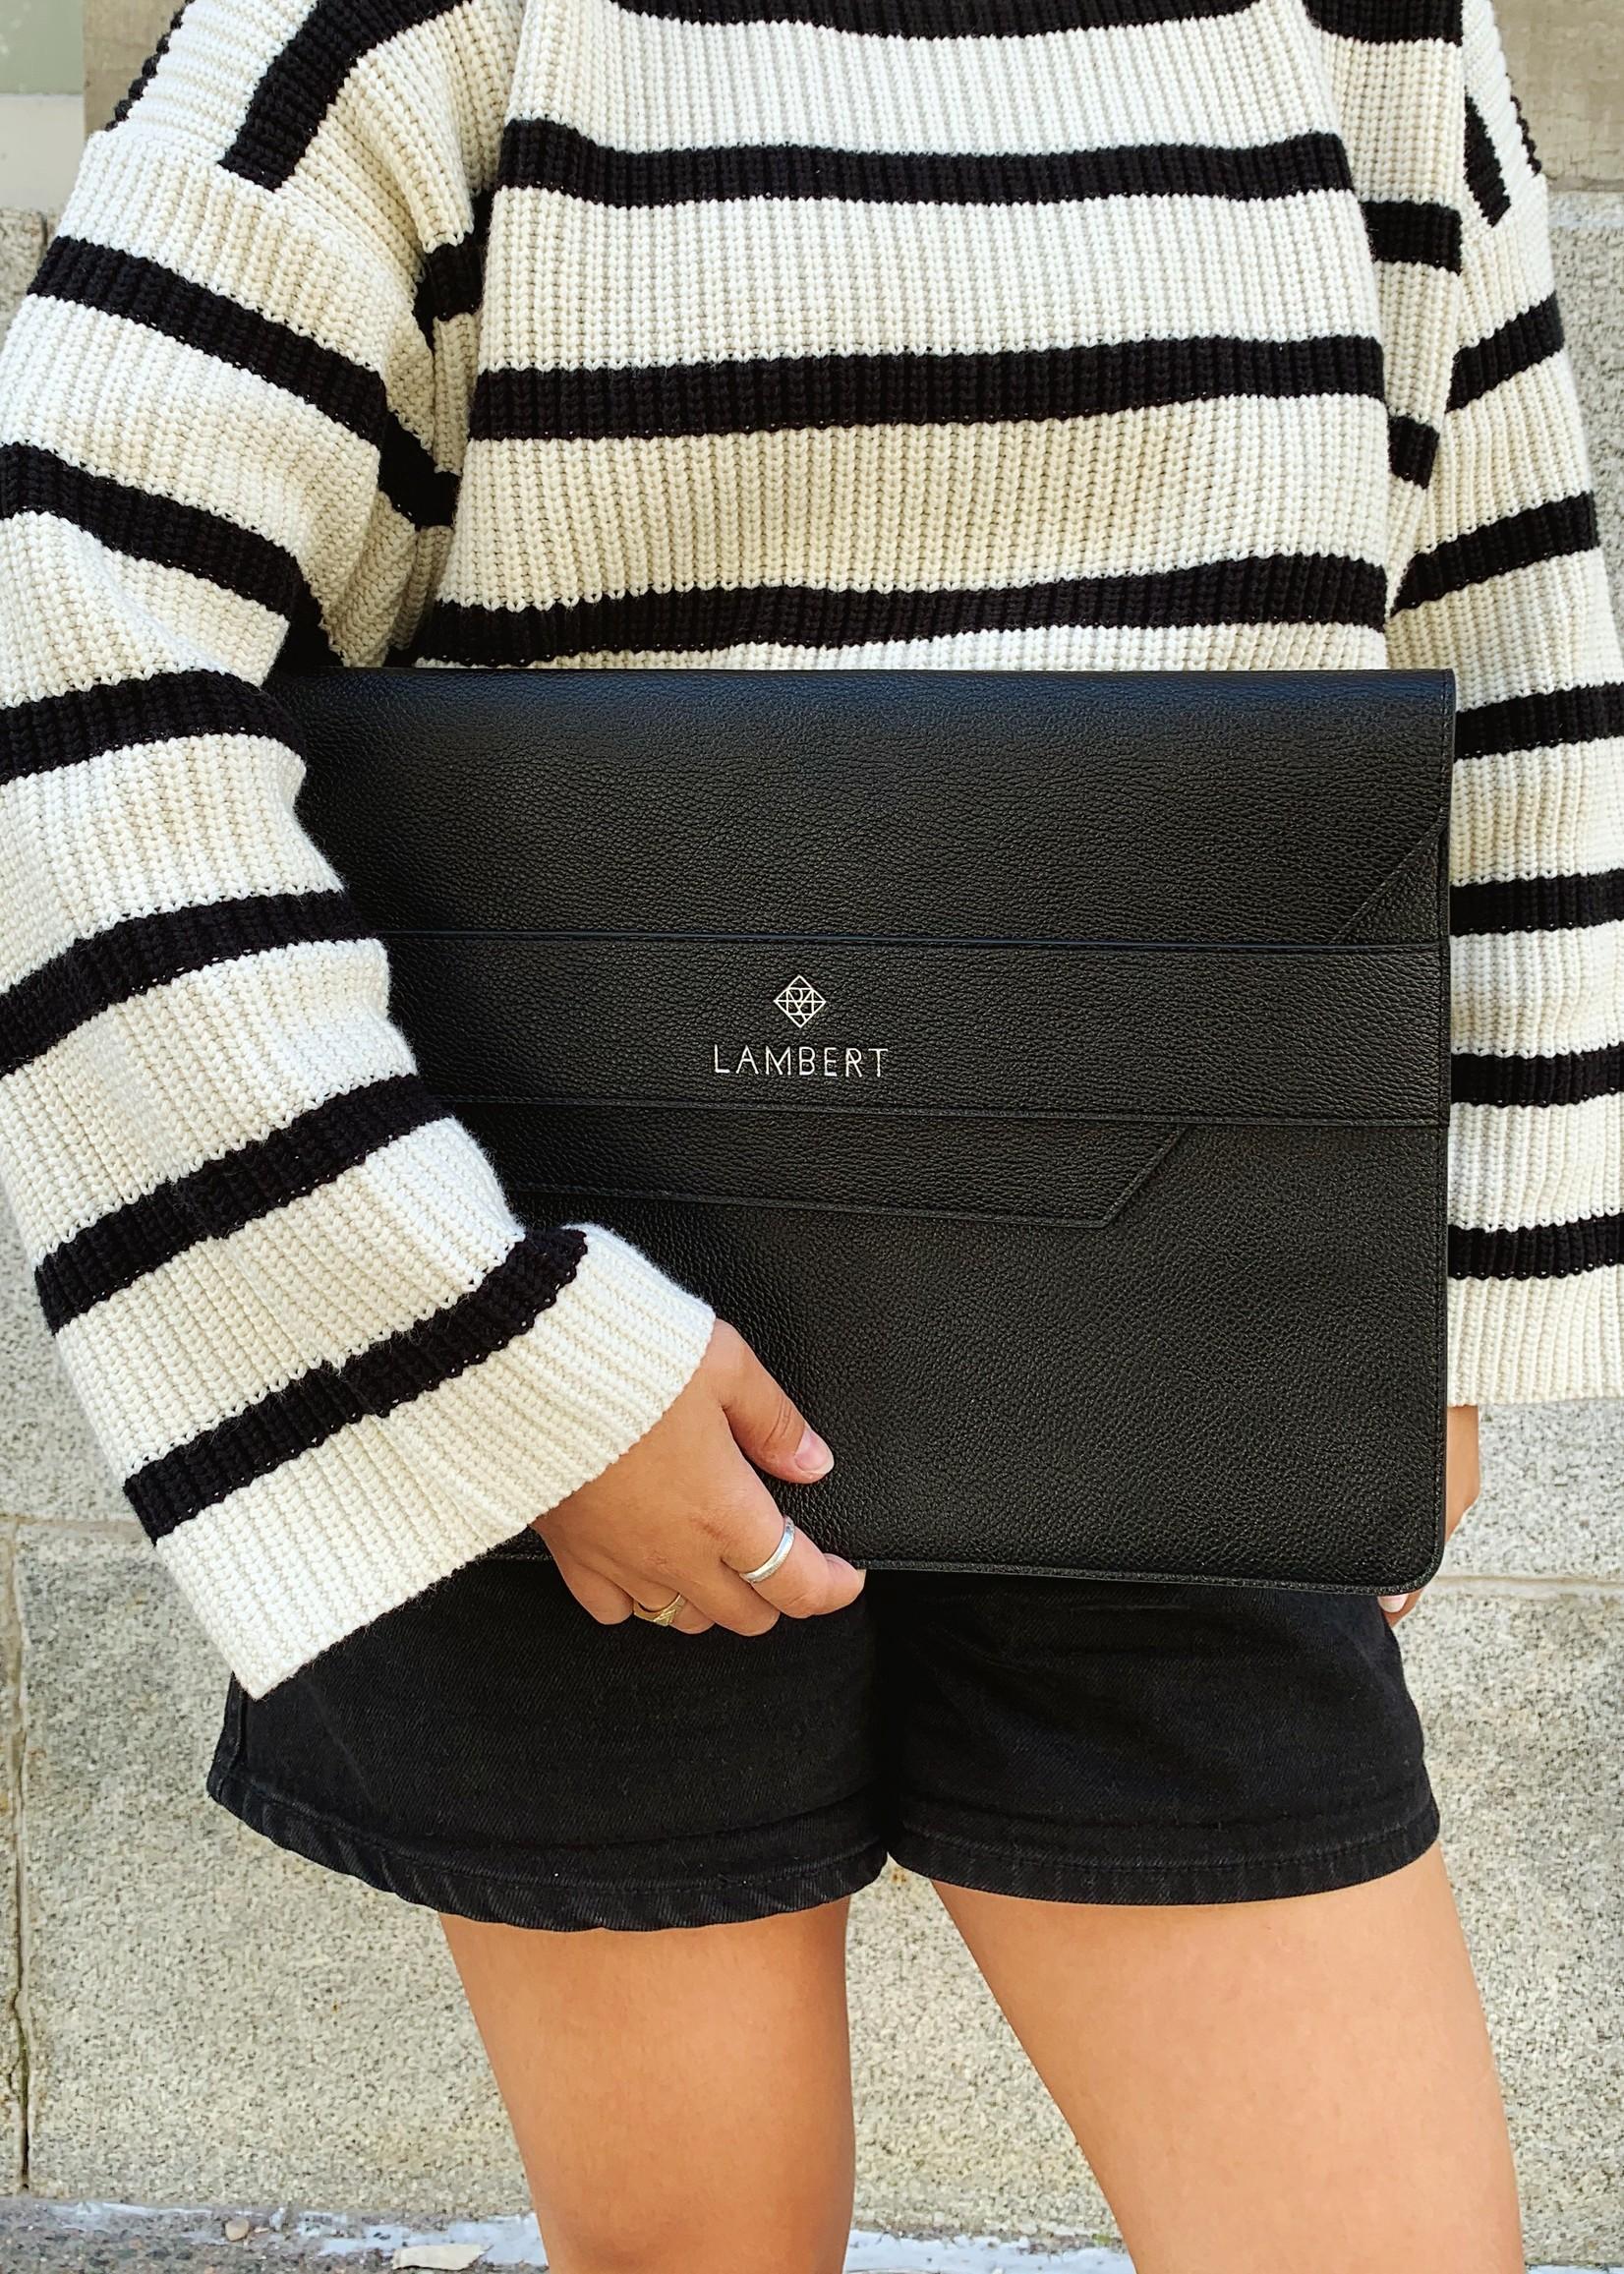 Lambert The SACHA Black Vegan Computer Sleeve